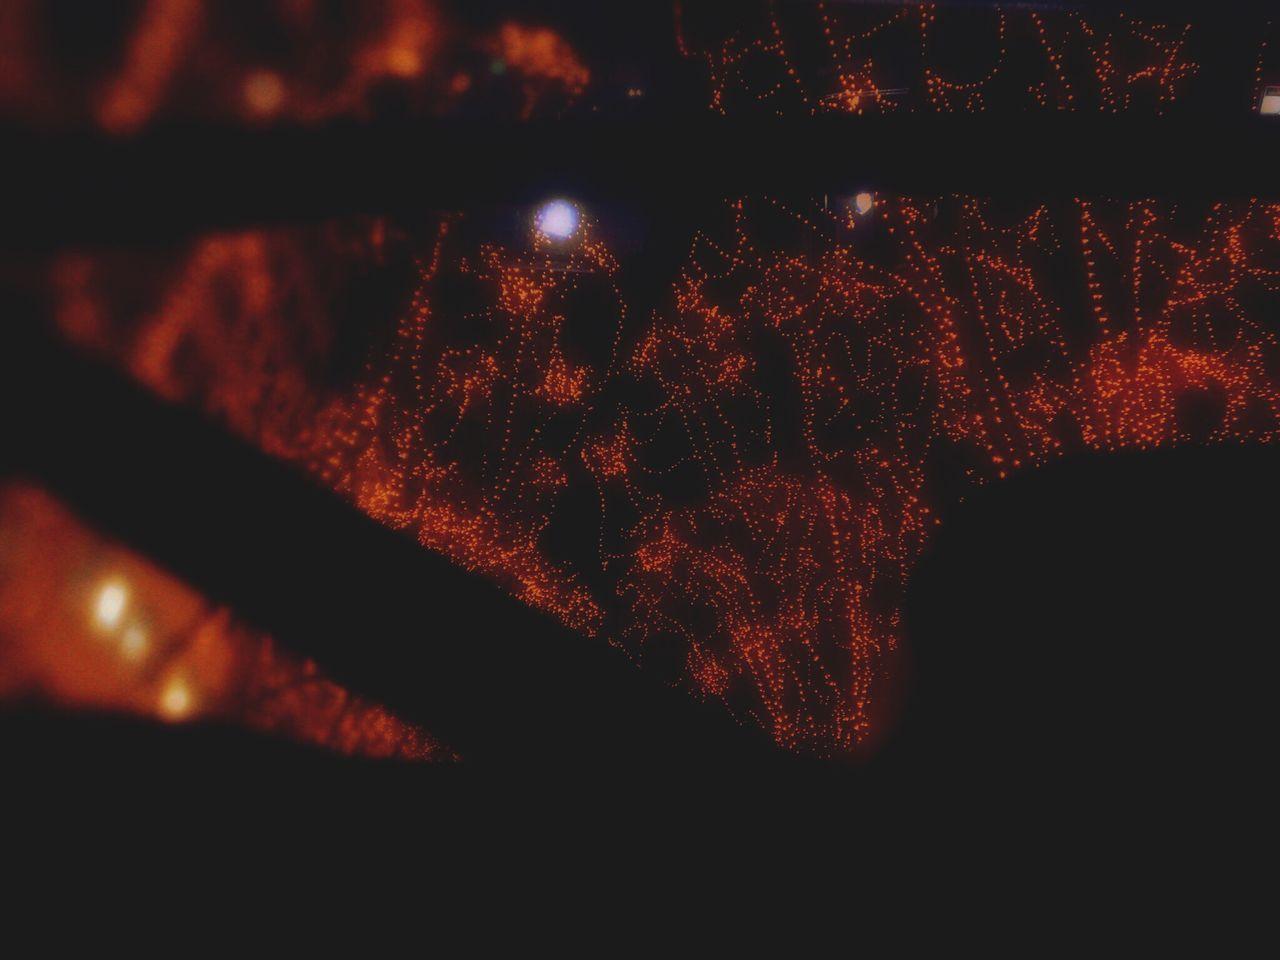 ランドローバーのステアリング越しのイルミネーション。(きちんと停まっての撮影ですよ😅) Red Night Hello World December Tree Art Street Illuminated Illumination The Pageant Of Light Miyagi Sendai Car Window Electric Landrover  Landrover Defender Land Rover Series LAND ROVER SERIES 2 Land Rover